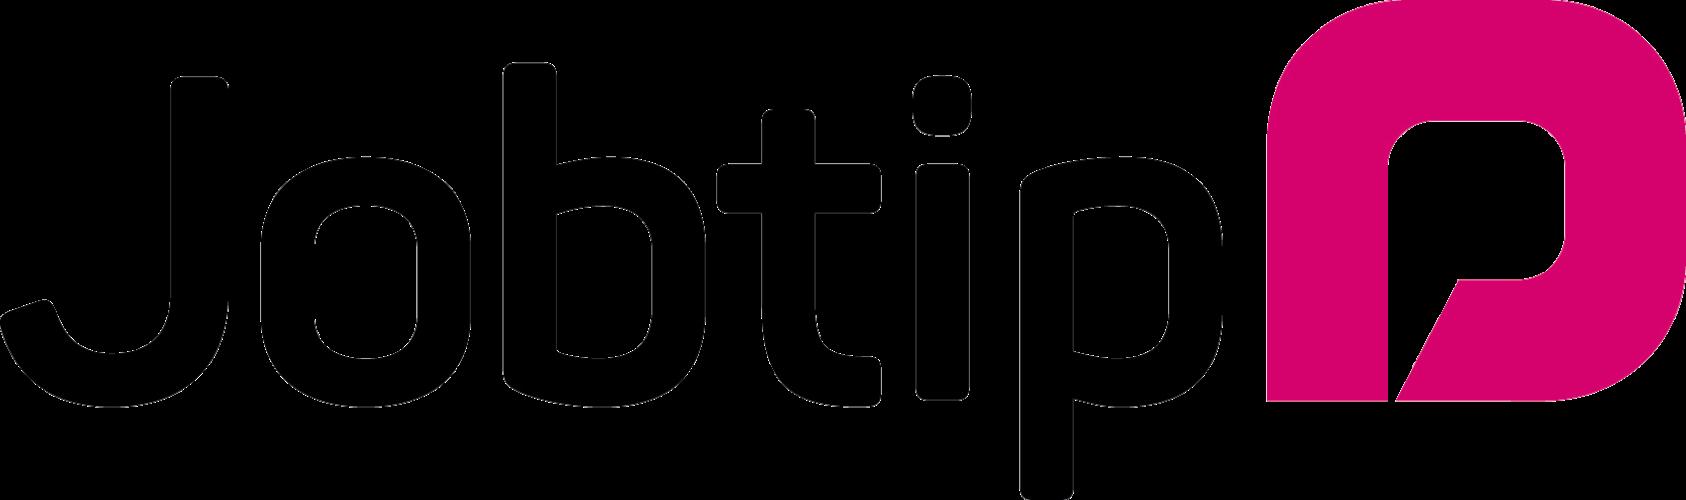 Jobtip logo transparent